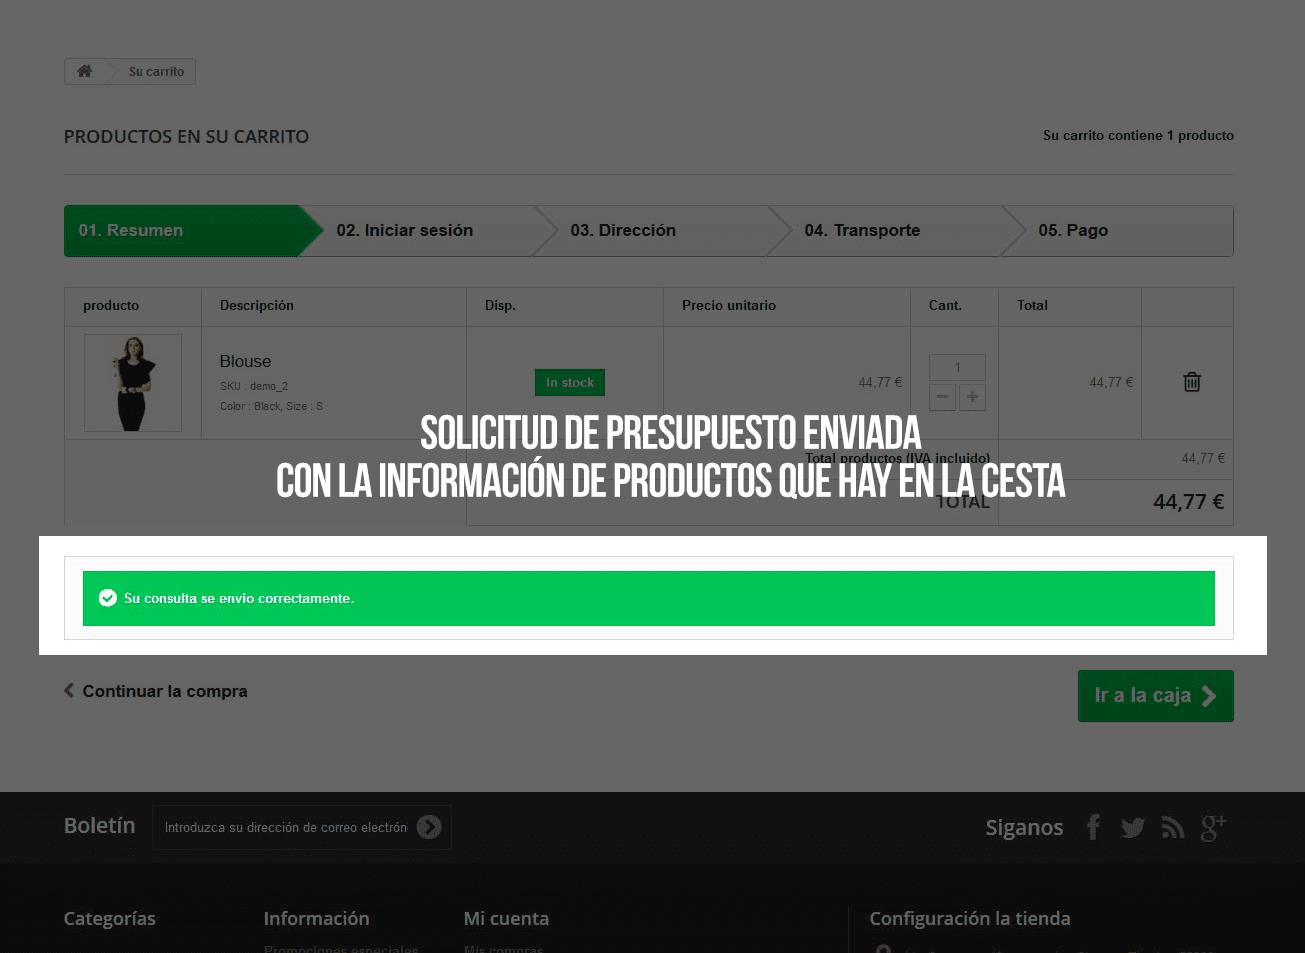 Módulo de solicitud de presupeustos básico en el carrito - Pantalla 2